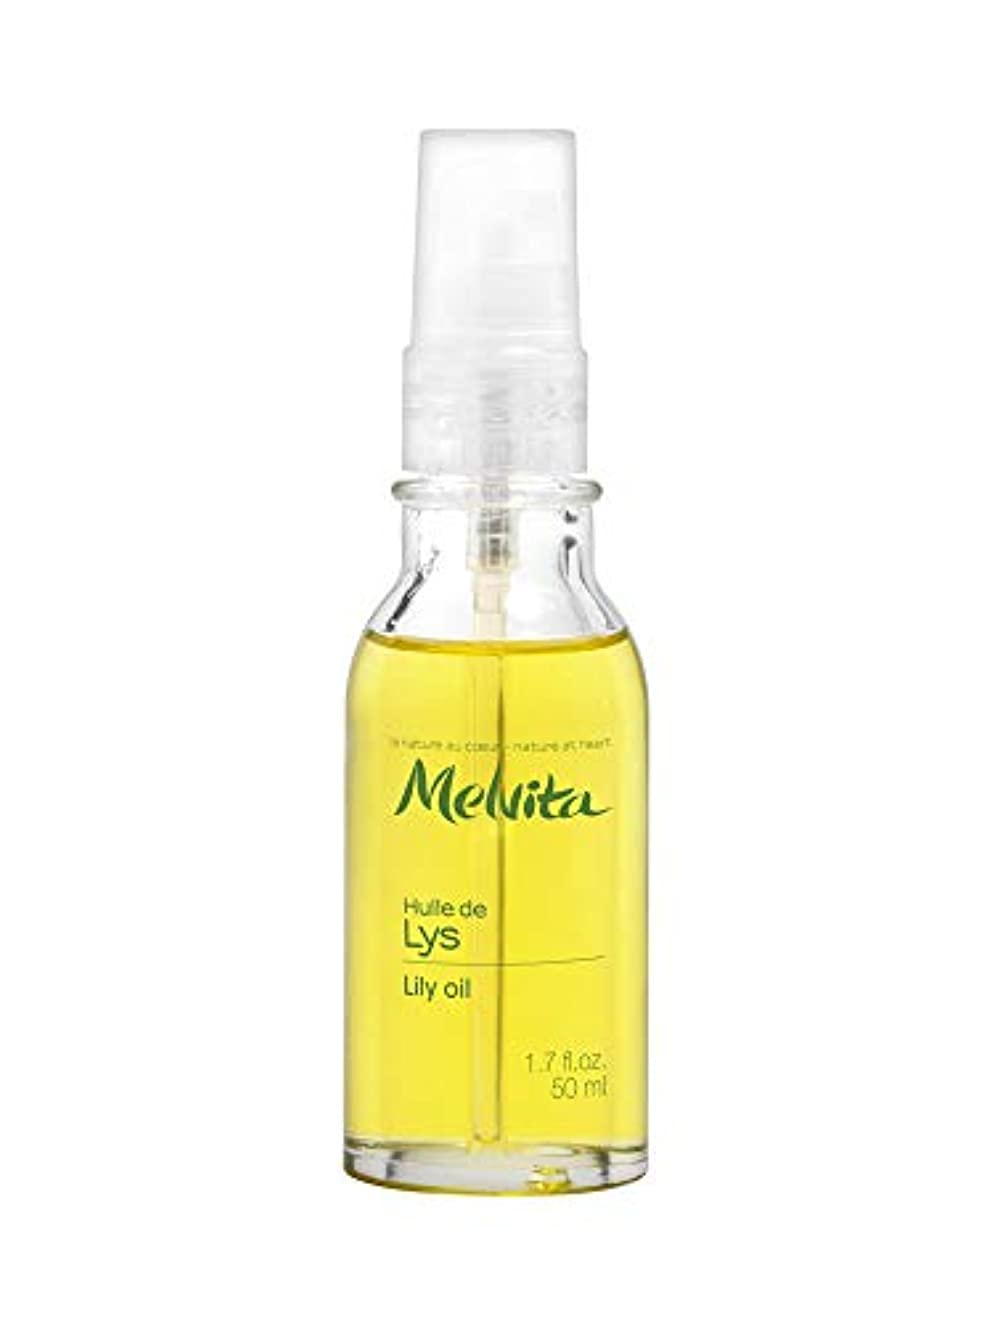 予防接種限りなく対応するメルヴィータ MELVITA ビオオイル リリーオイル 50ml [並行輸入品]